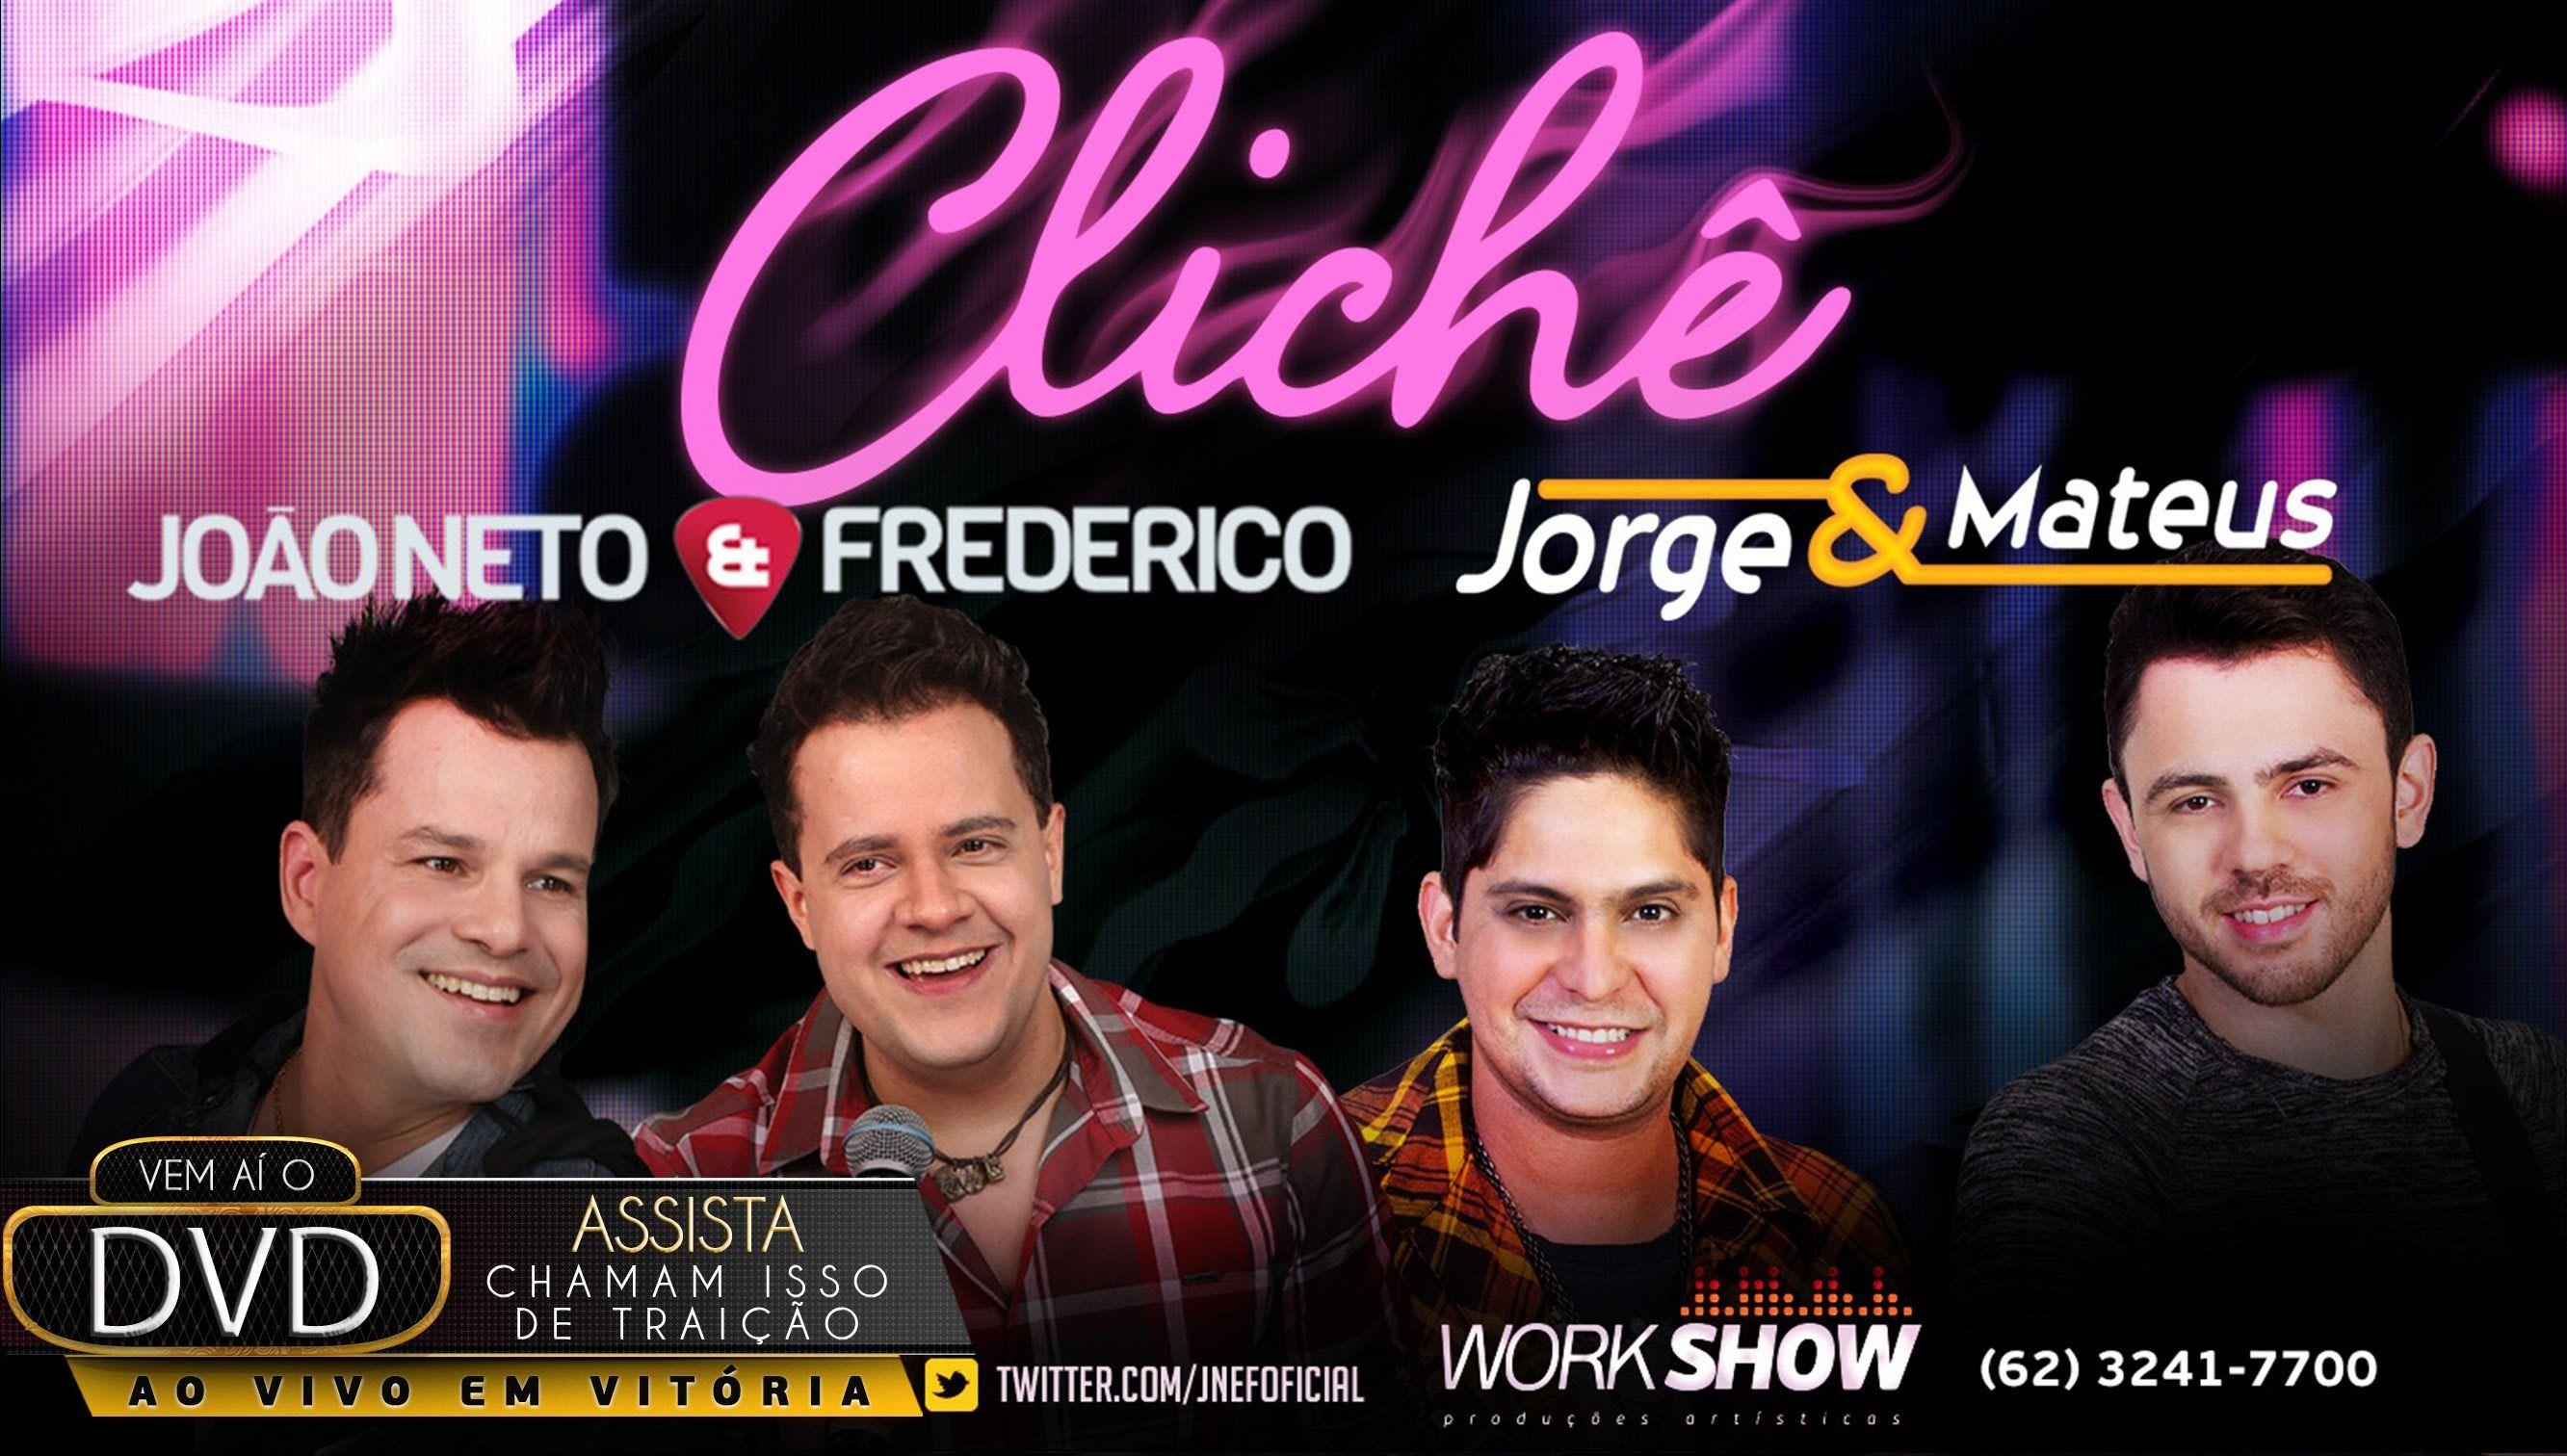 Cliche Joao Neto E Frederico Part Jorge E Mateus Nova Com